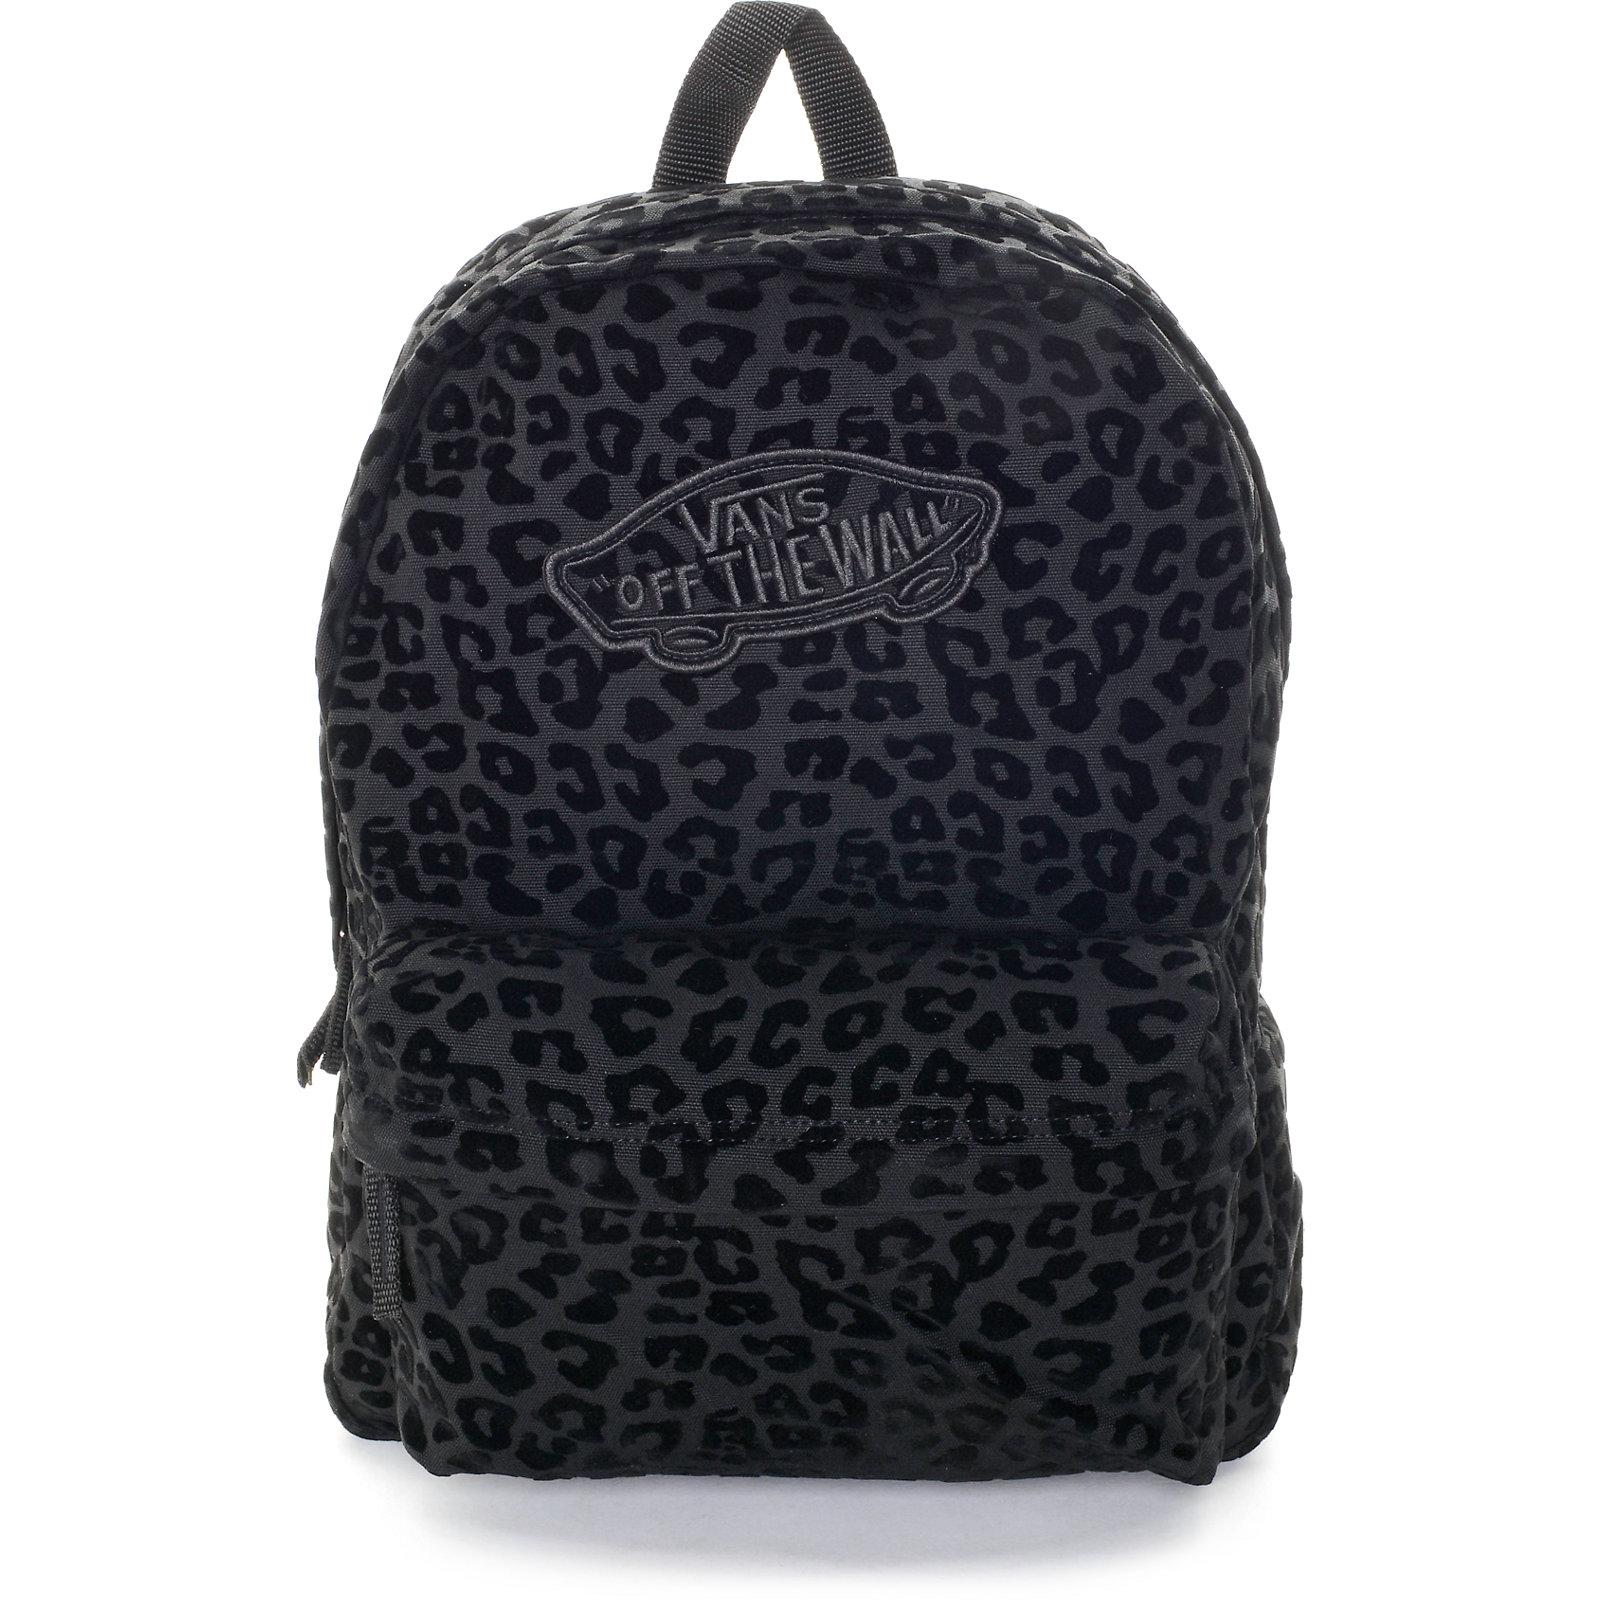 3ac2eec730892 Plecak Vans Realm Leopard Flock Black : Sklep AveBmx - rowery ...